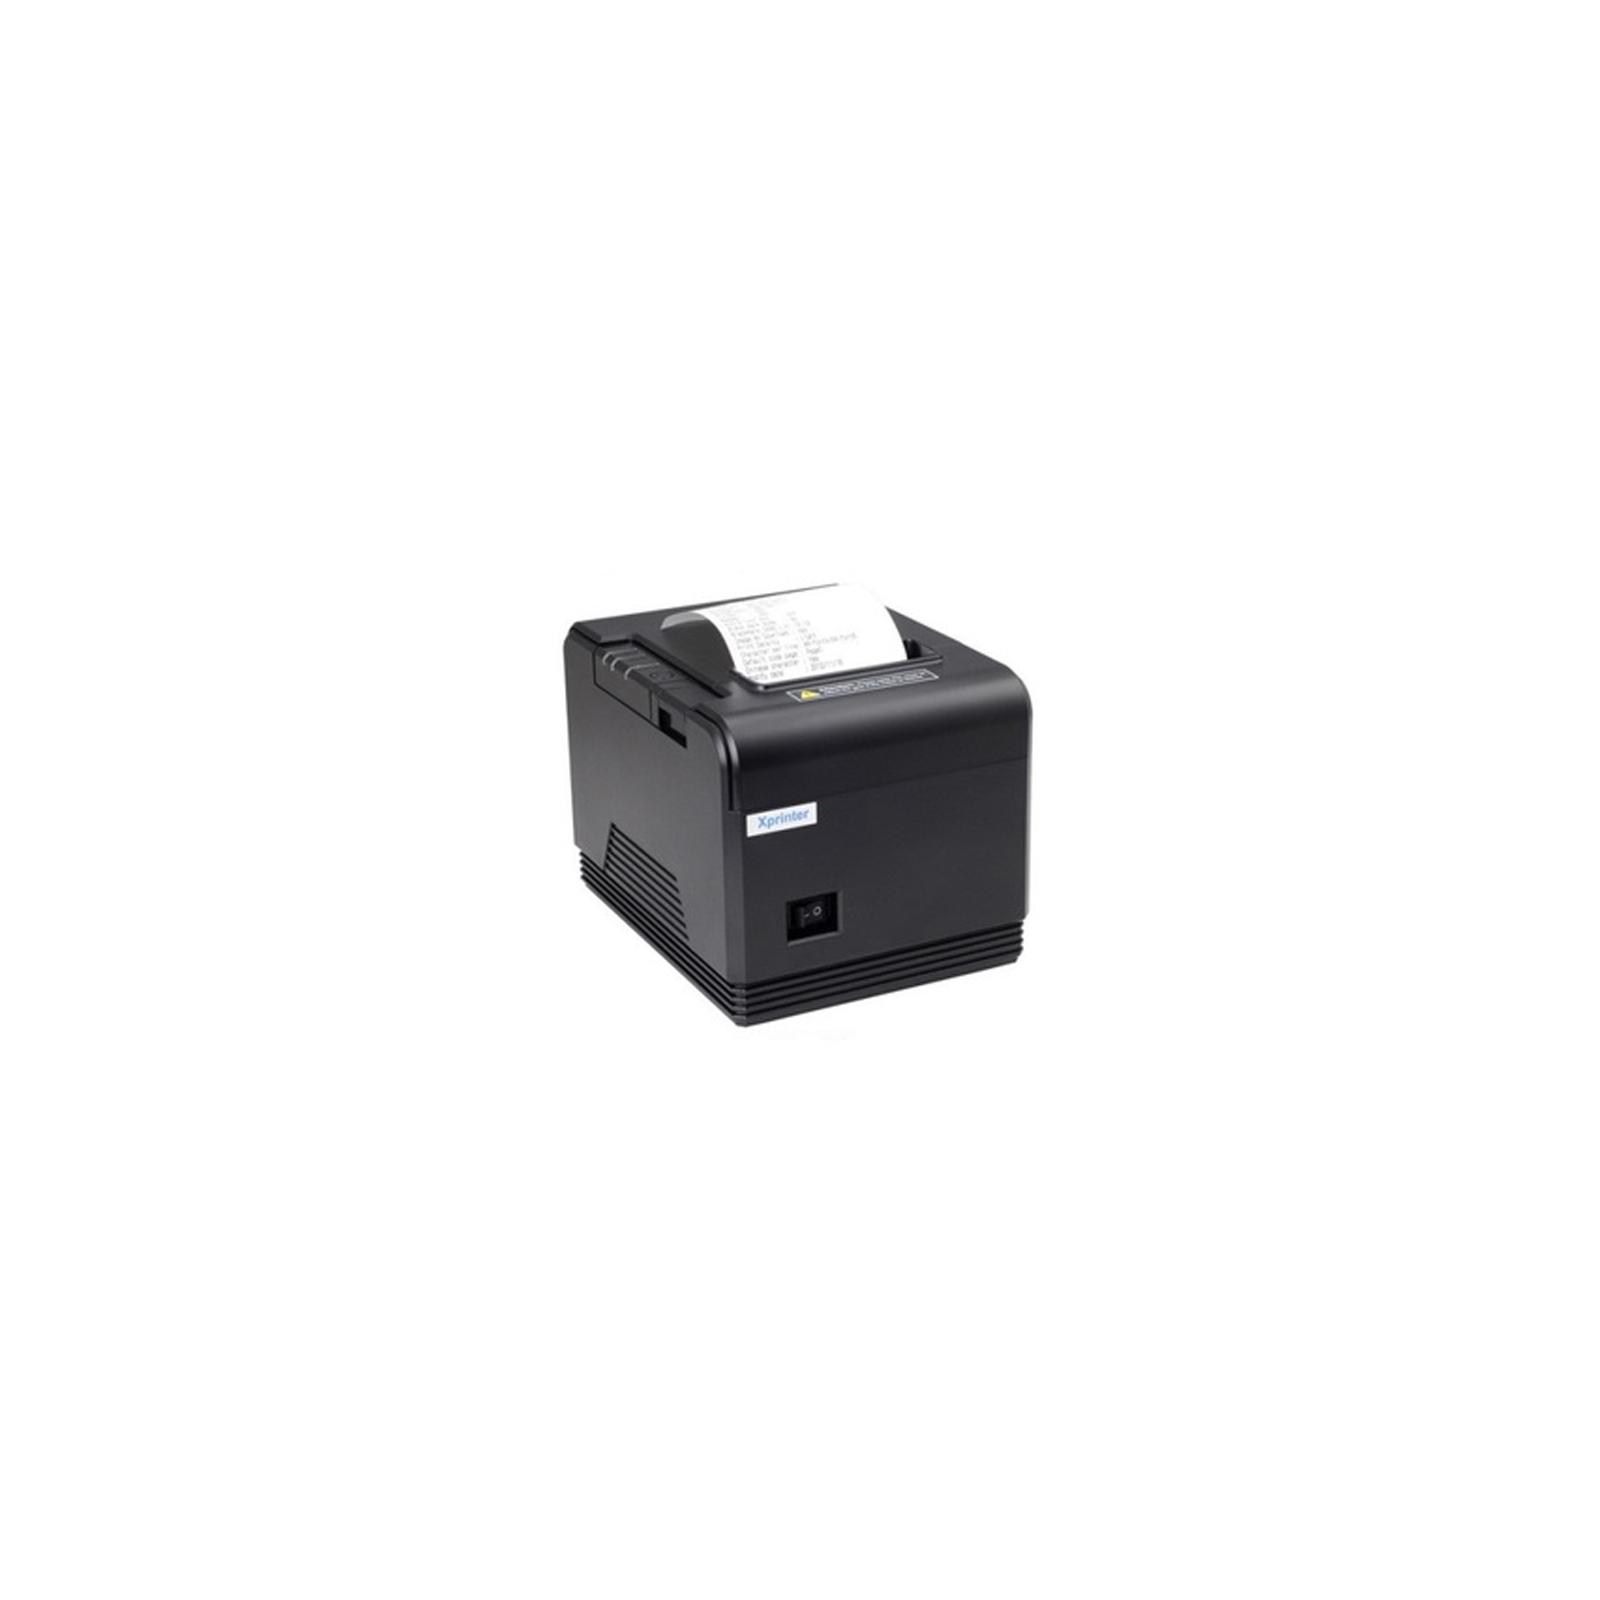 Принтер чеков X-PRINTER XP-Q800 изображение 2